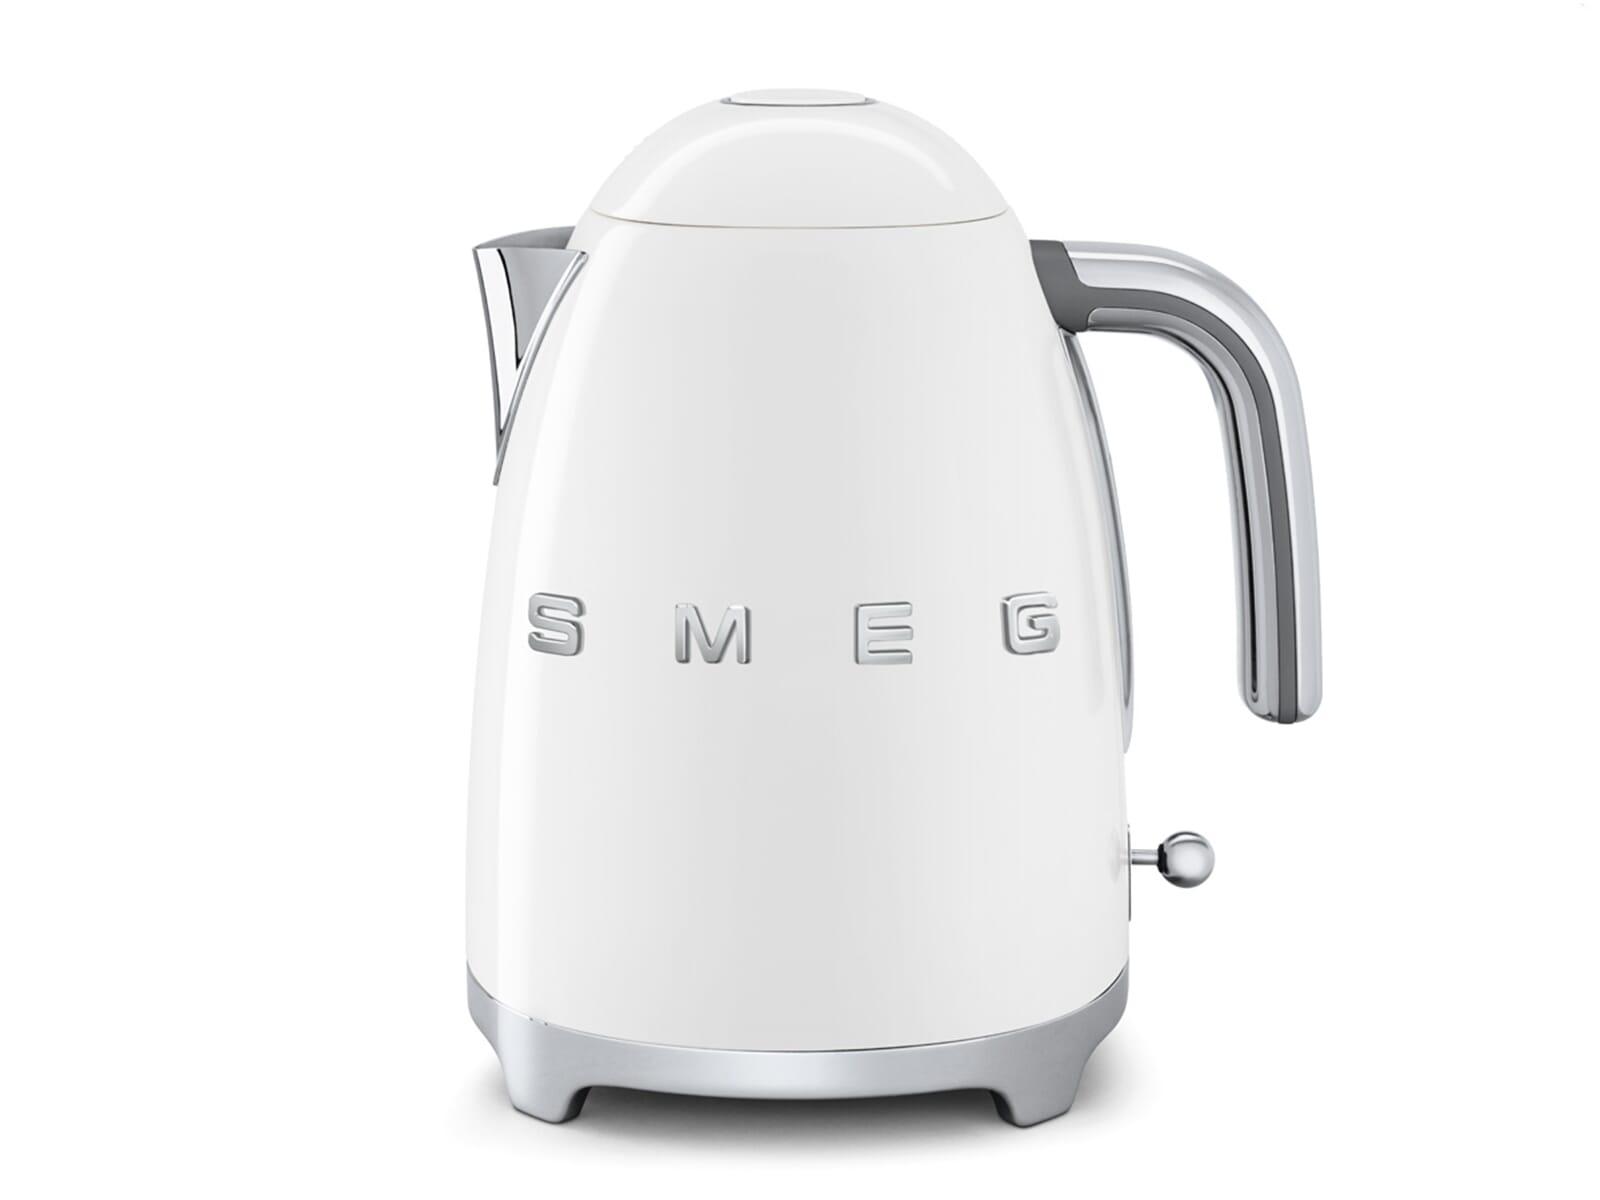 Smeg Kühlschrank Weiß : Smeg klf wheu wasserkocher weiß